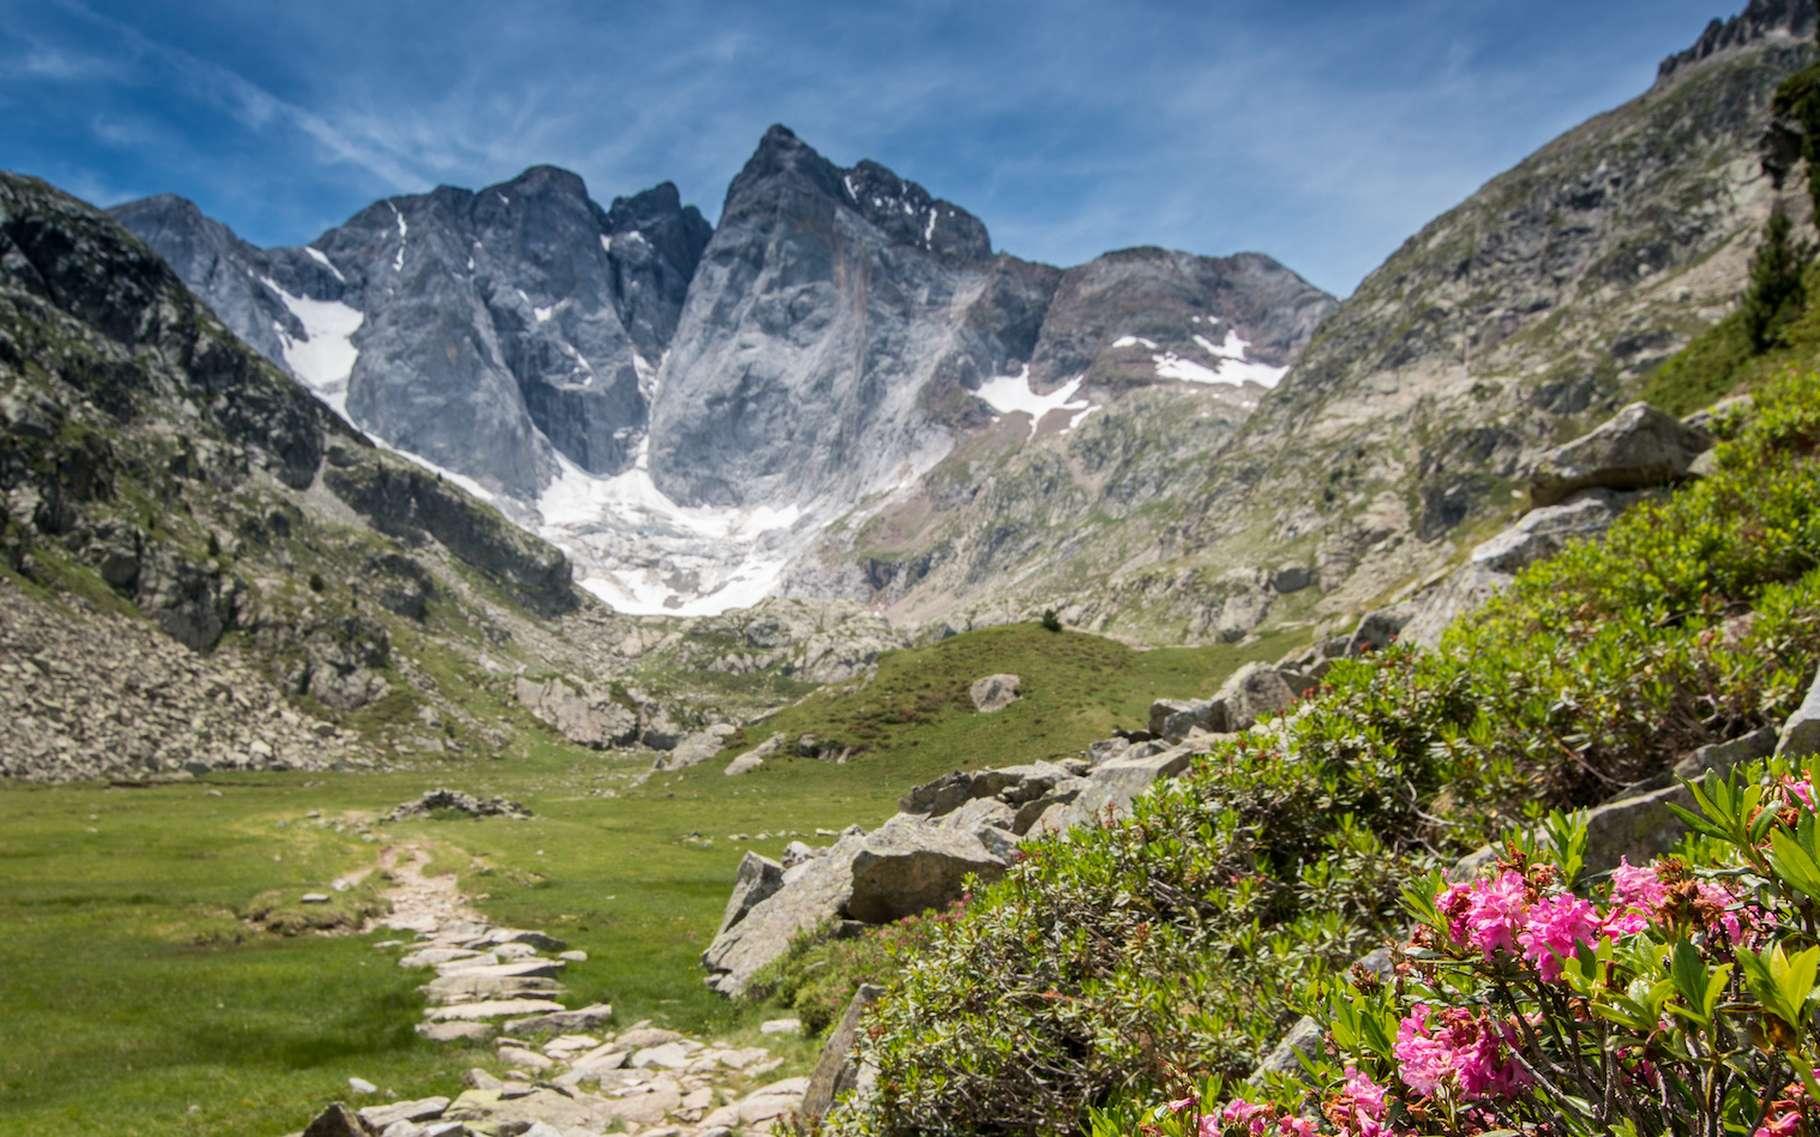 Les glaciers des Pyrénées sont menacés par le réchauffement climatique anthropique. Les chercheurs de l'Institut pyrénéen d'écologie (IPE, Espagne) ne leur donnent plus de 20 ans à vivre. © B. Piccoli, Adobe Stock